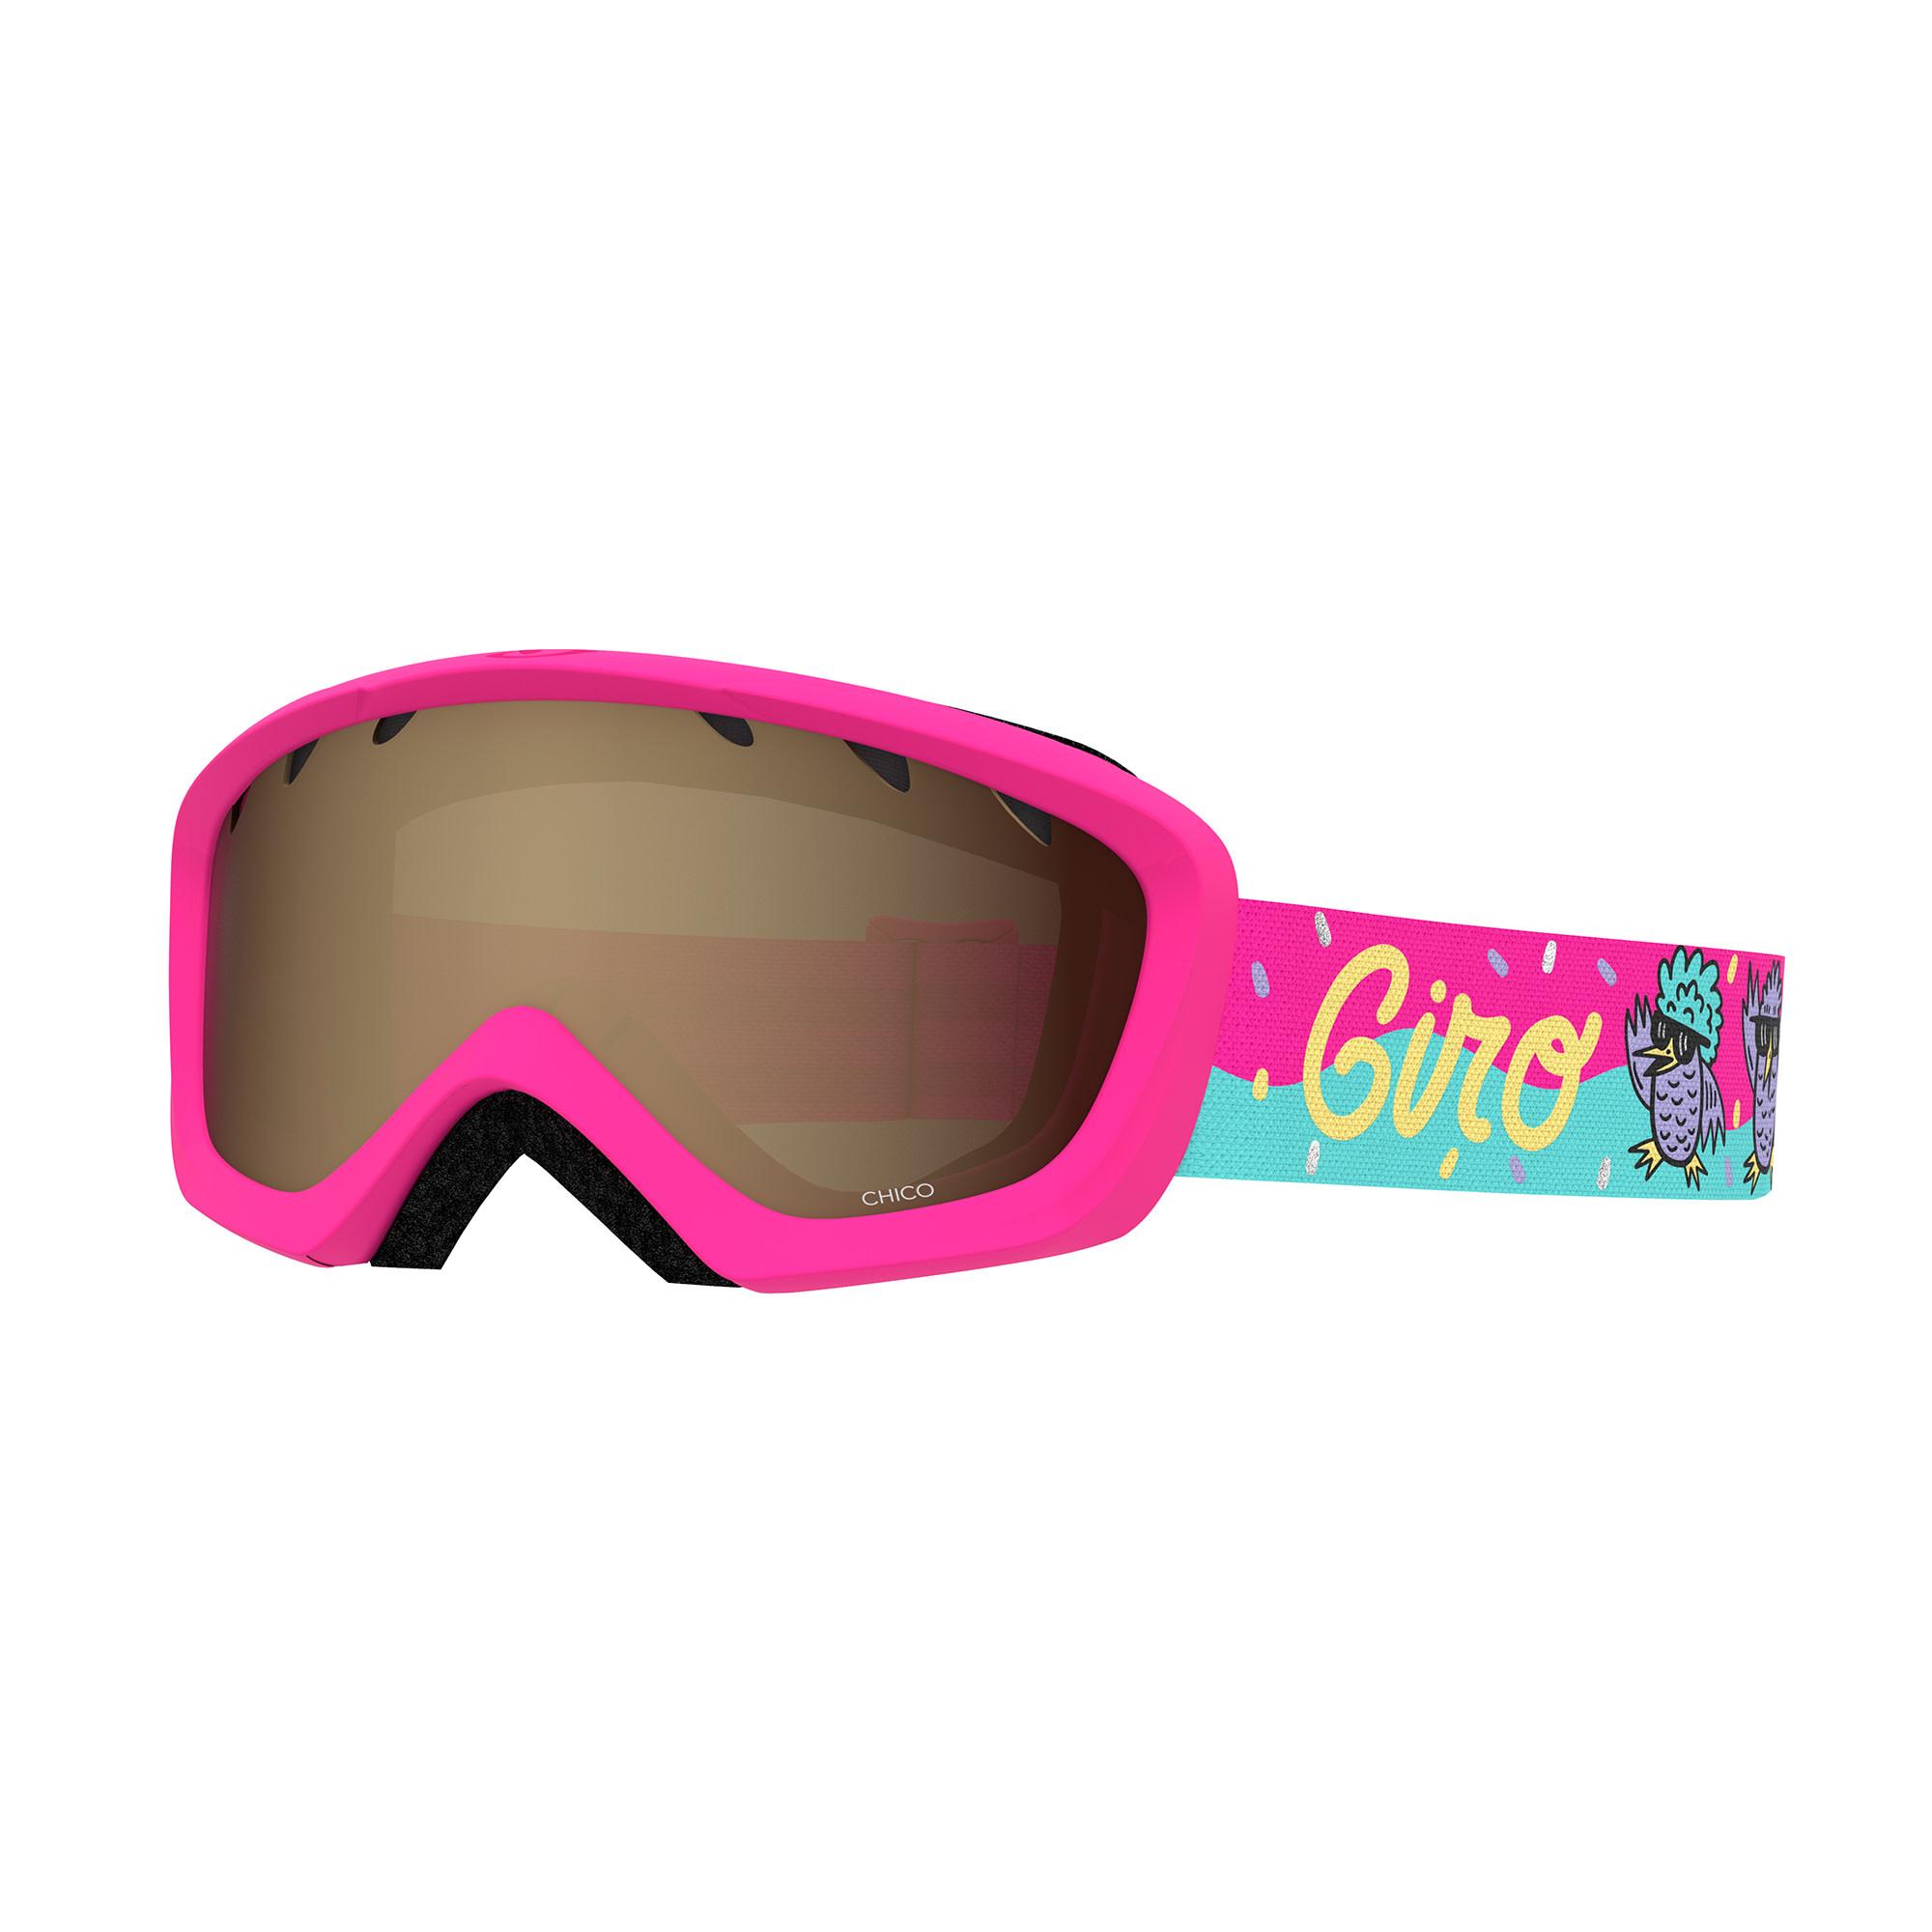 Giro Chico-2